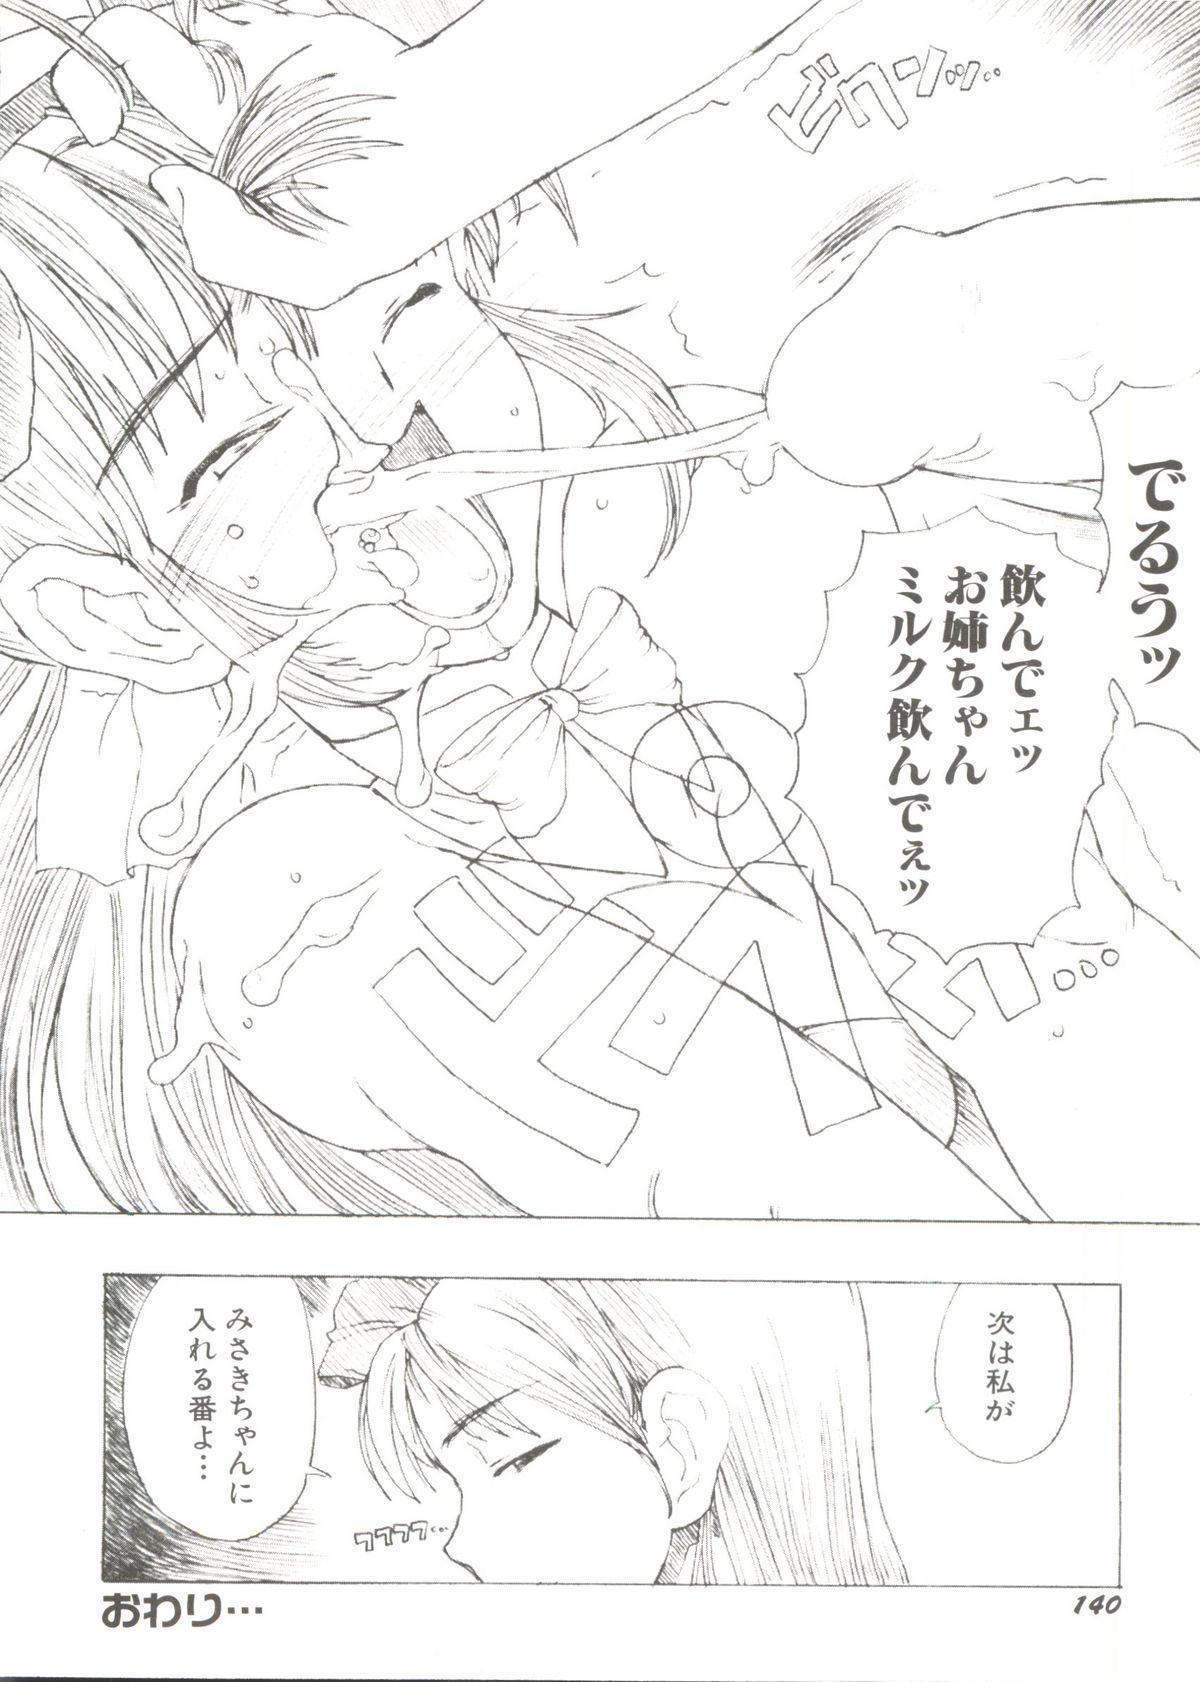 Denei Tamate Bako Bishoujo Doujinshi Anthology Vol. 2 - Nishinhou no Tenshi 137